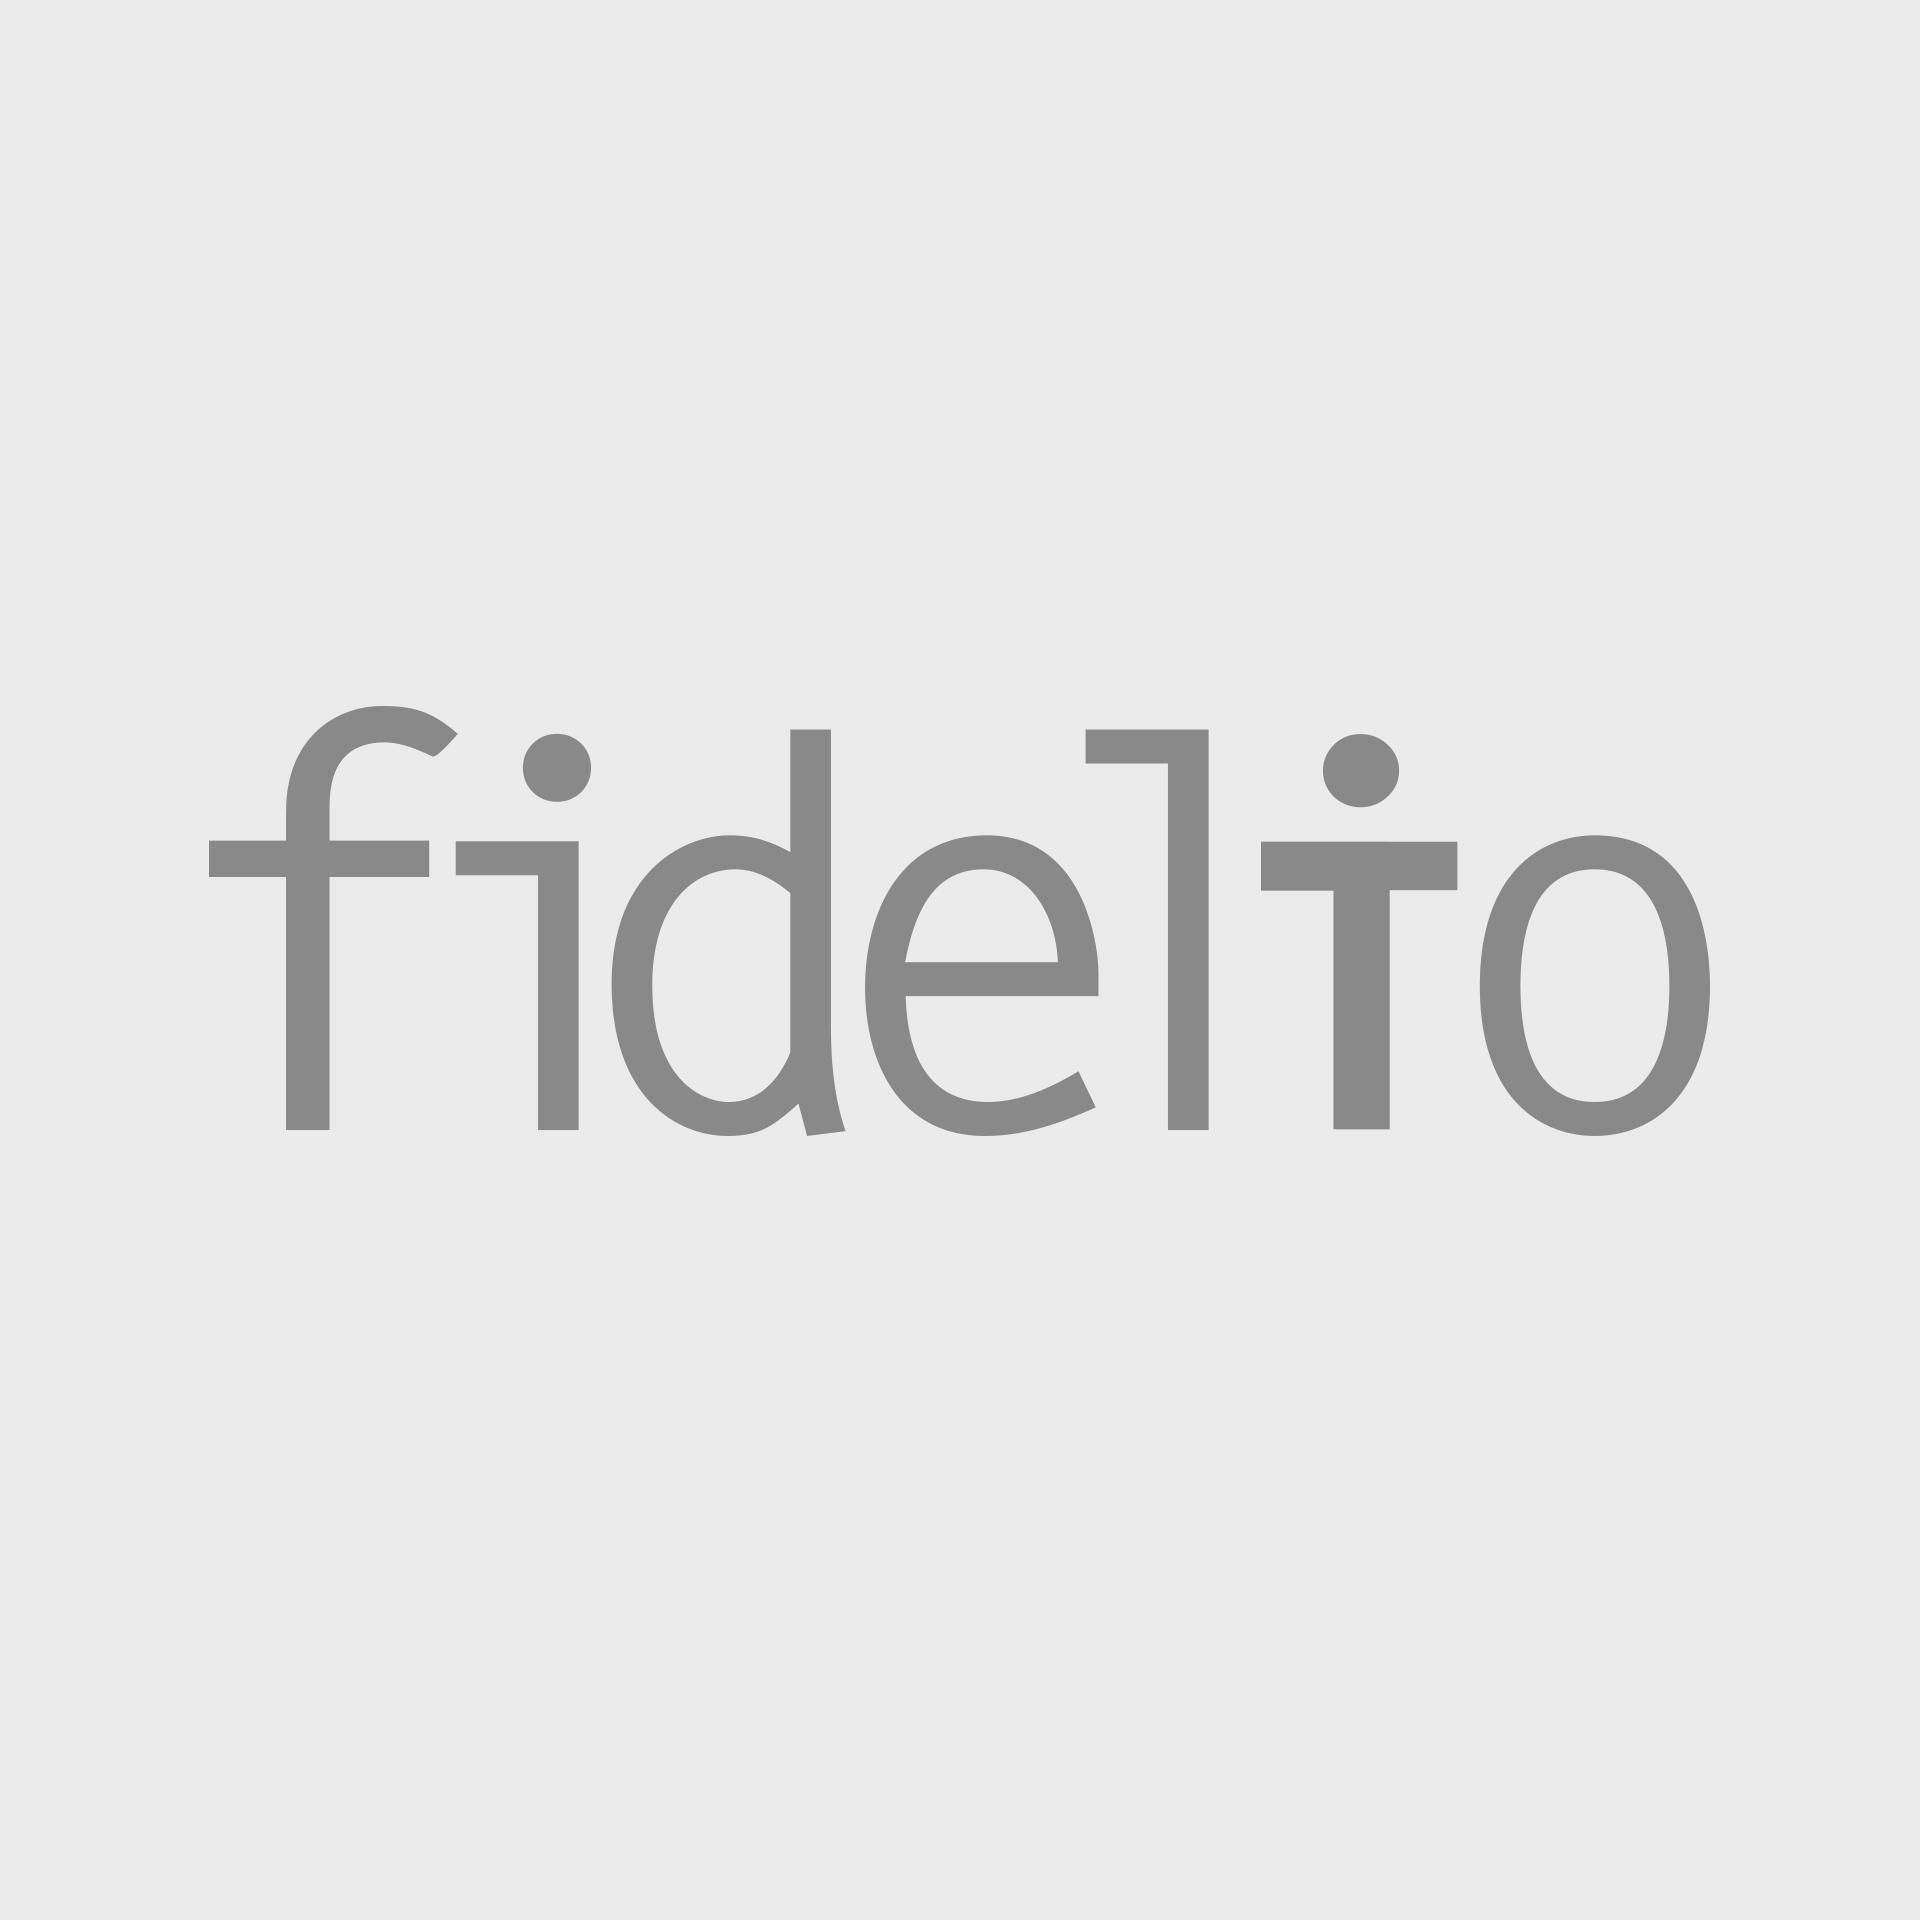 Flautas del Fuego